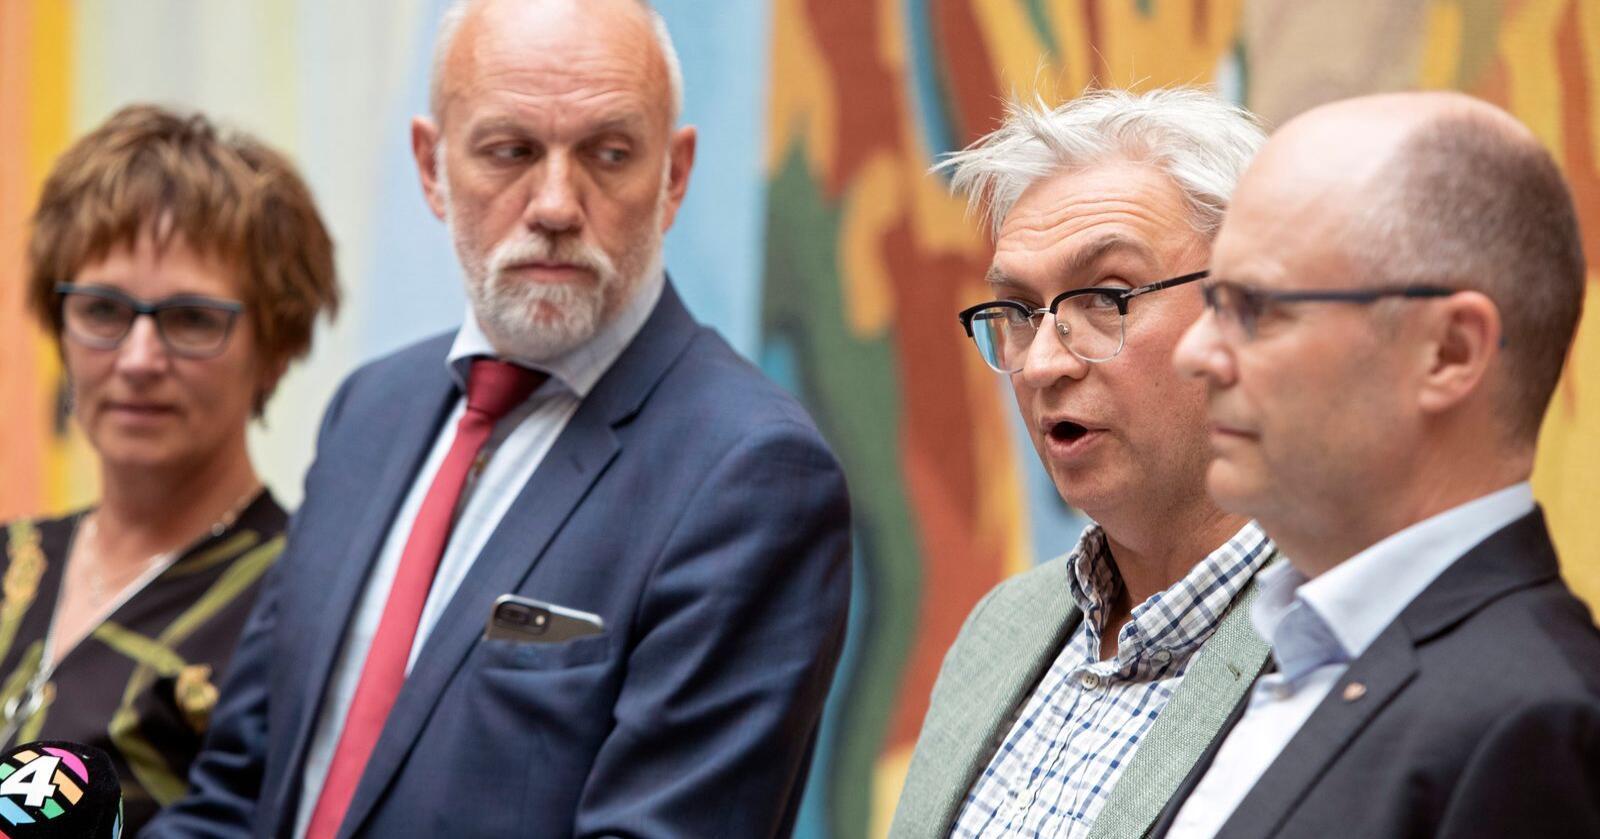 Dette bildet ble tatt det daværende borgerlige flertallet la fram kompensasjonsordningen til pelsdyrbøndene. Nå slår flertallet sprekker. Fra venstre:  Margunn Ebbesen (H), Morten Ørsal Johansn (Frp), André N. Skjelstad (V) og Steinar Reiten (KrF).Foto: Ryan Kelly / NTB scanpix